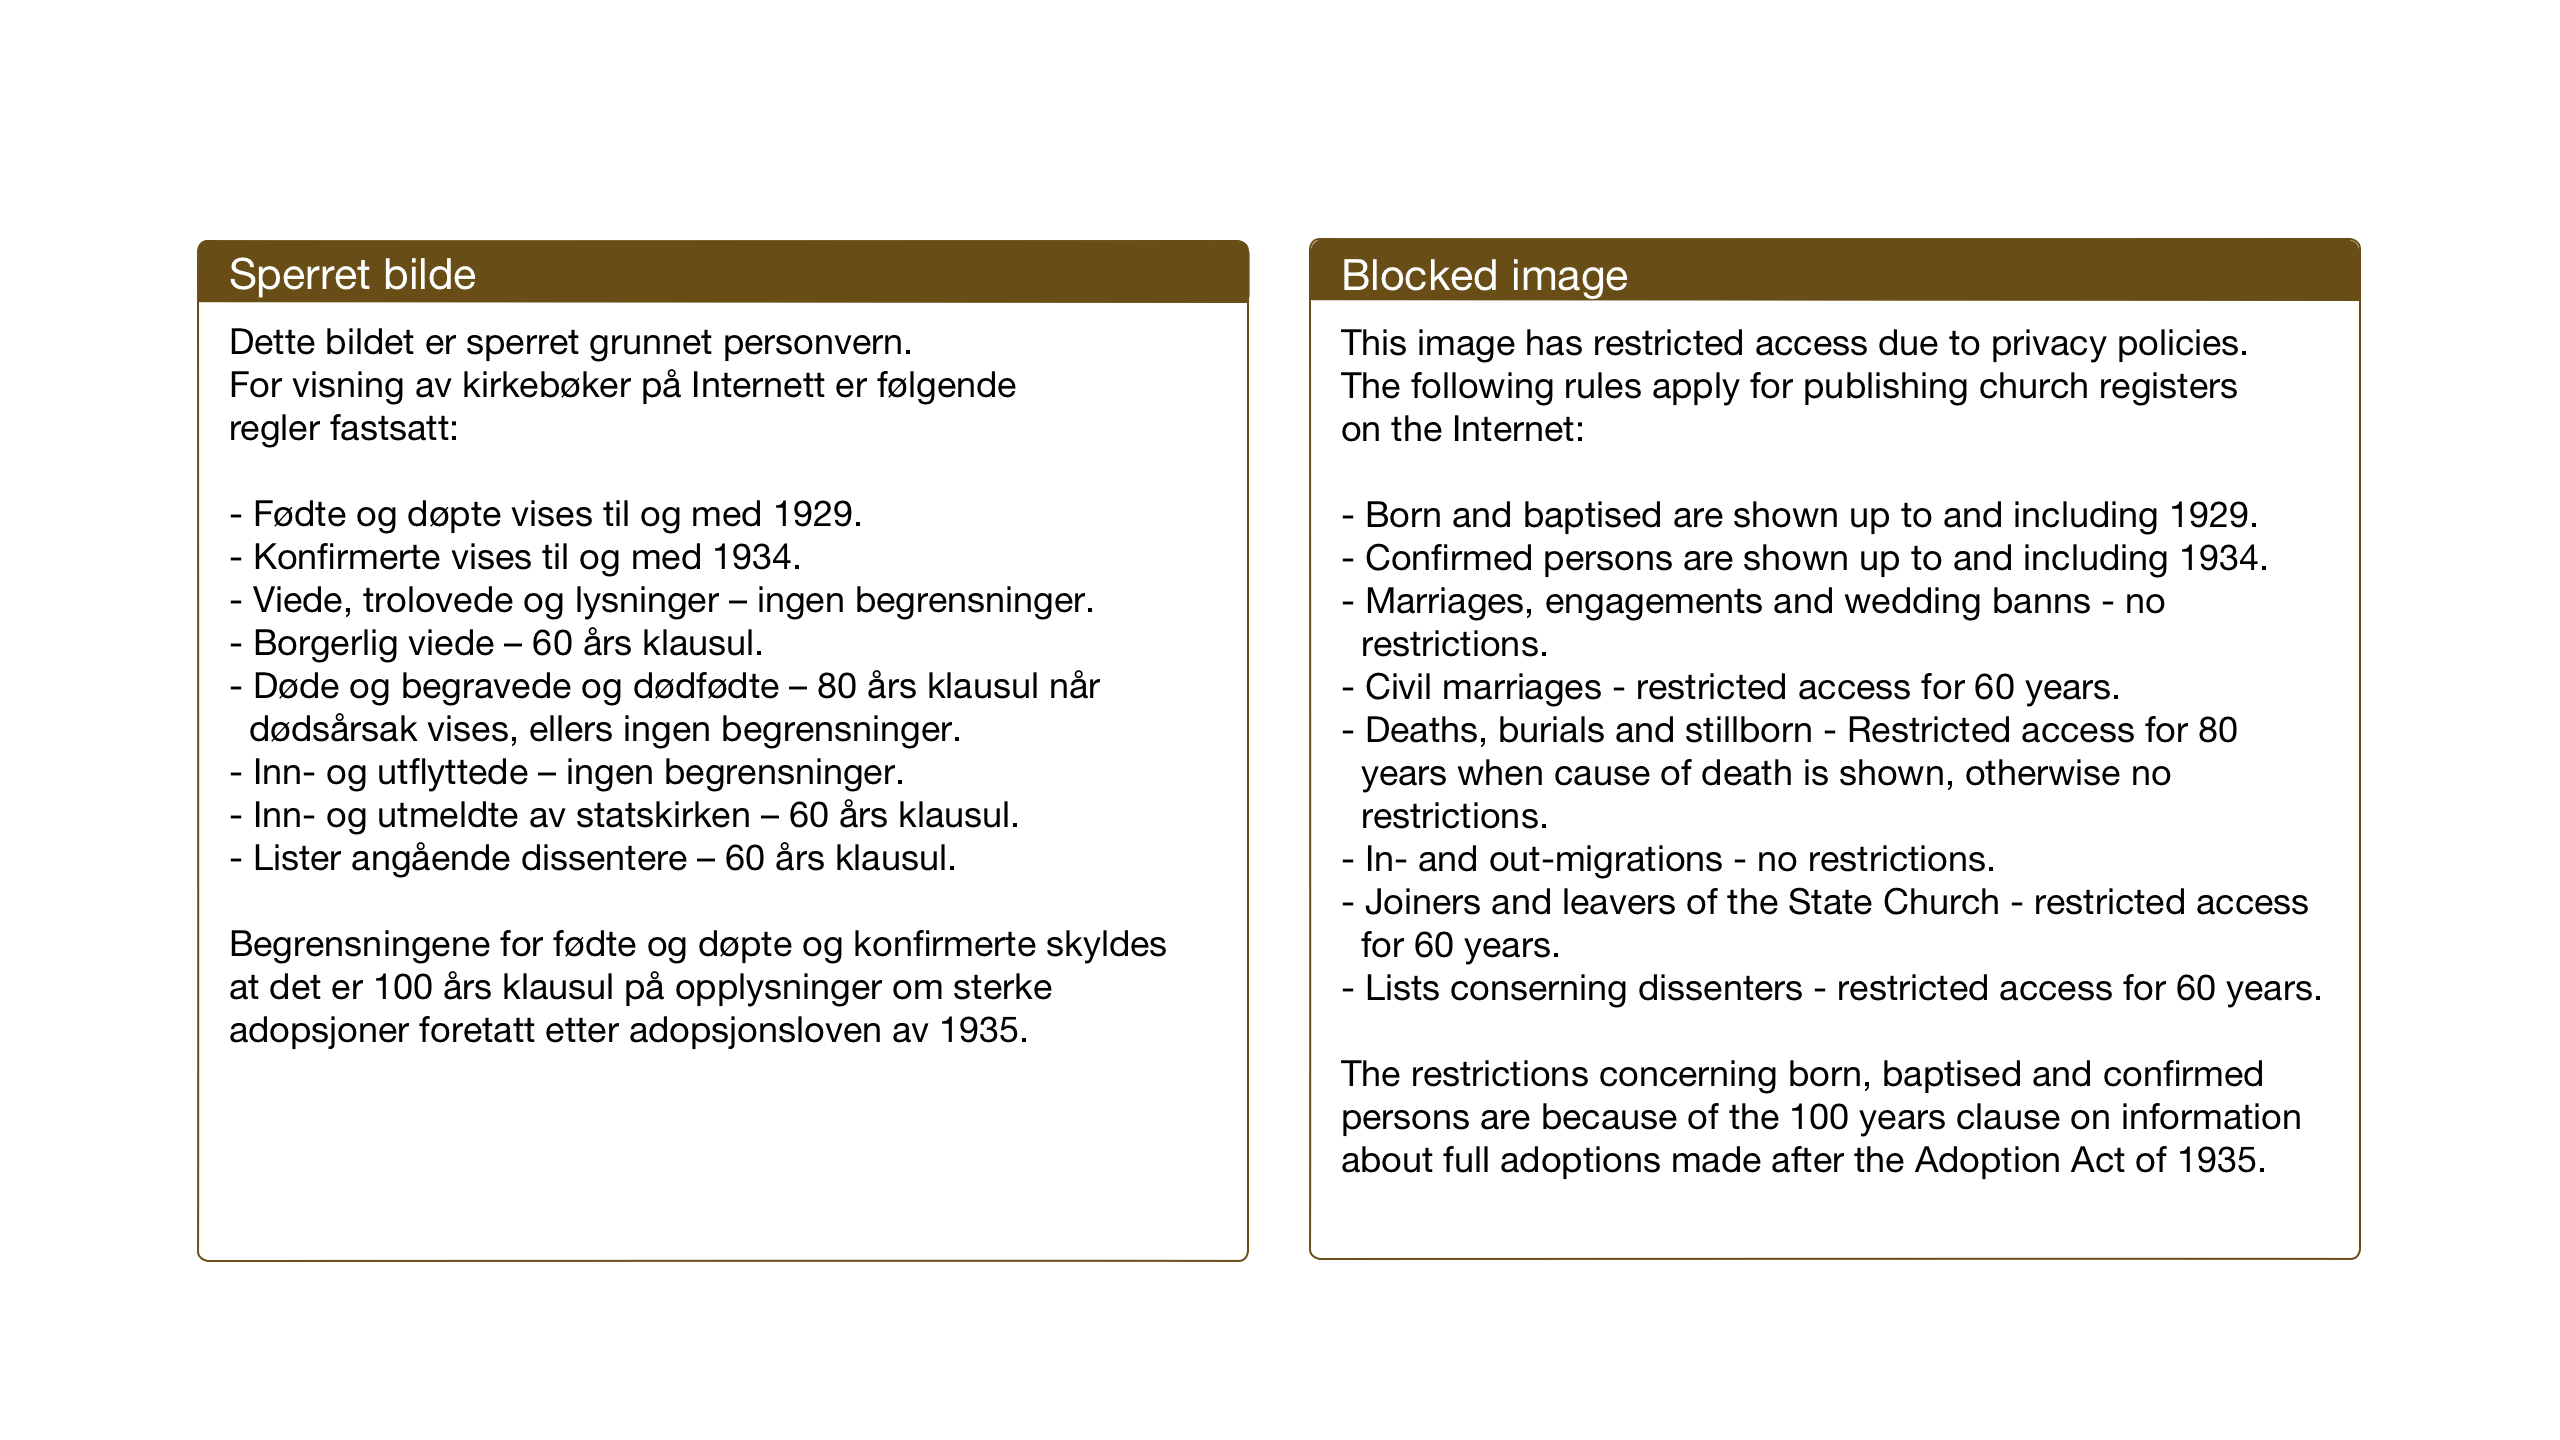 SAT, Ministerialprotokoller, klokkerbøker og fødselsregistre - Nord-Trøndelag, 770/L0592: Klokkerbok nr. 770C03, 1941-1950, s. 62